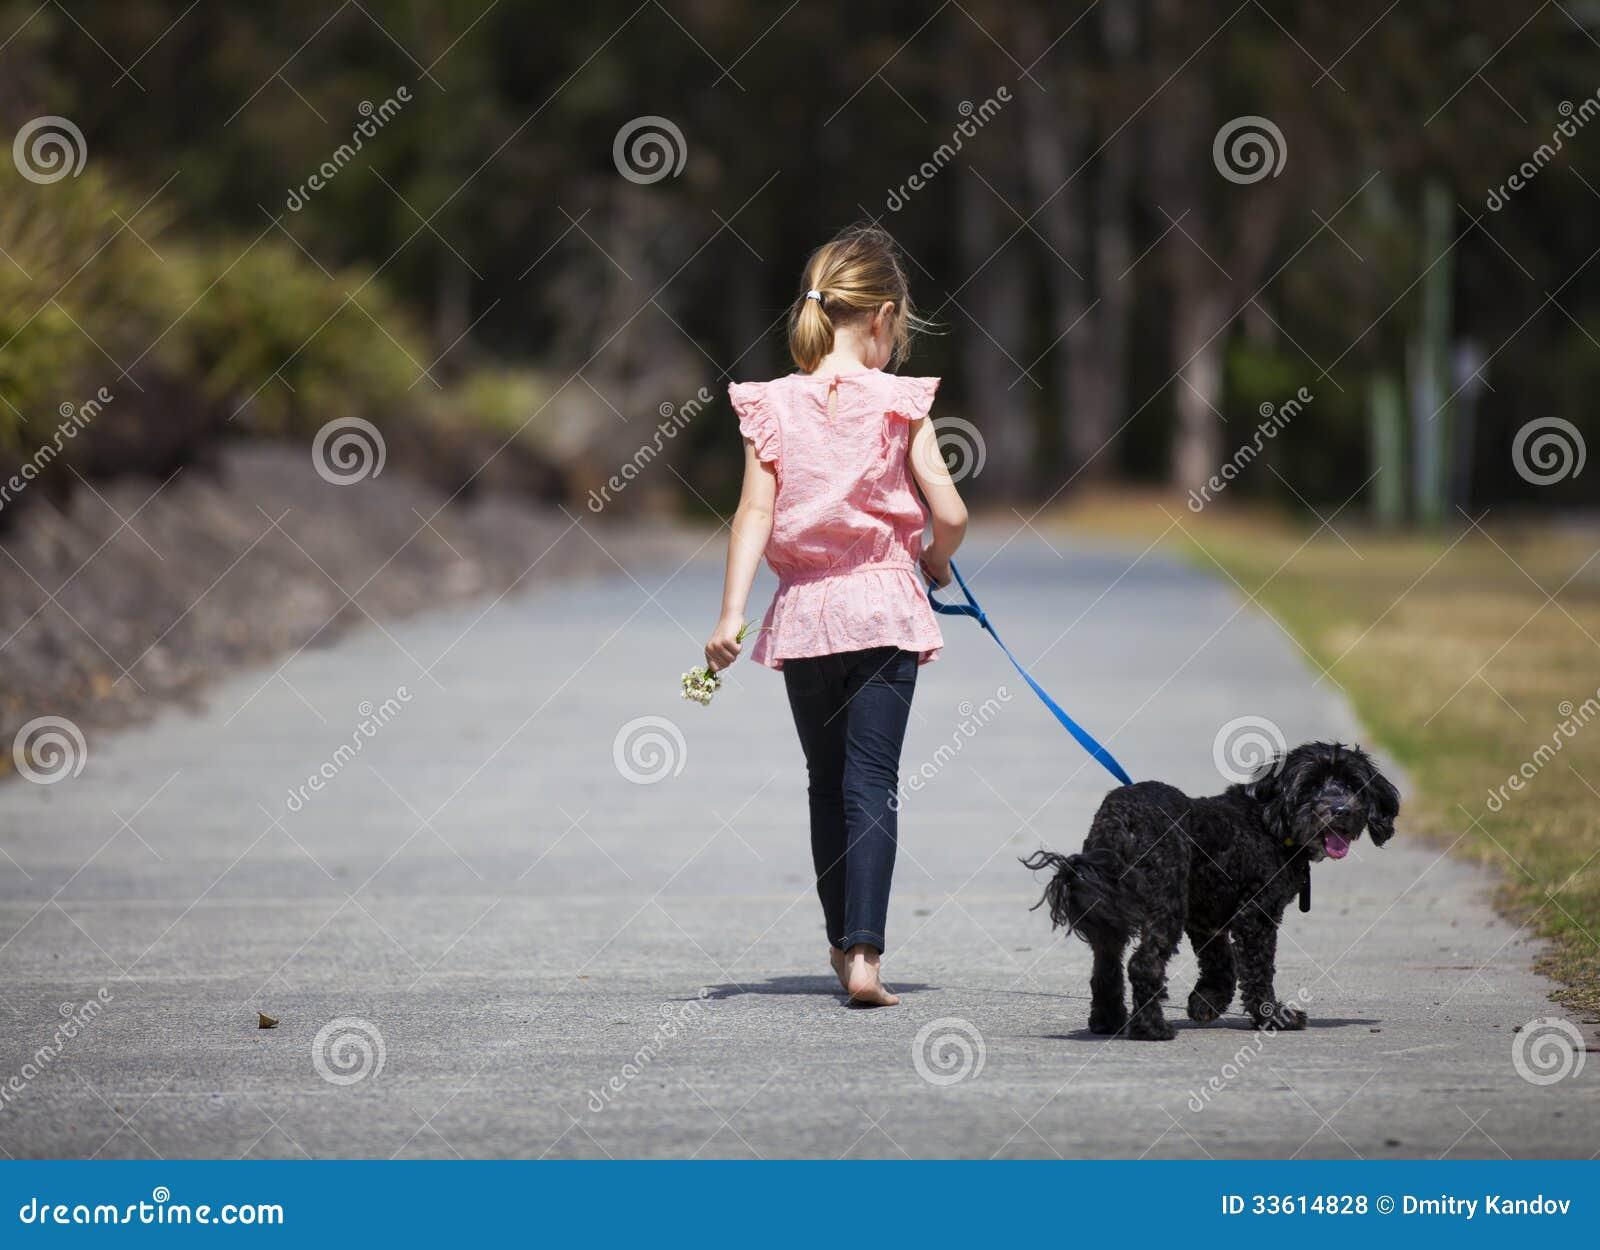 Young girl on leash-7051